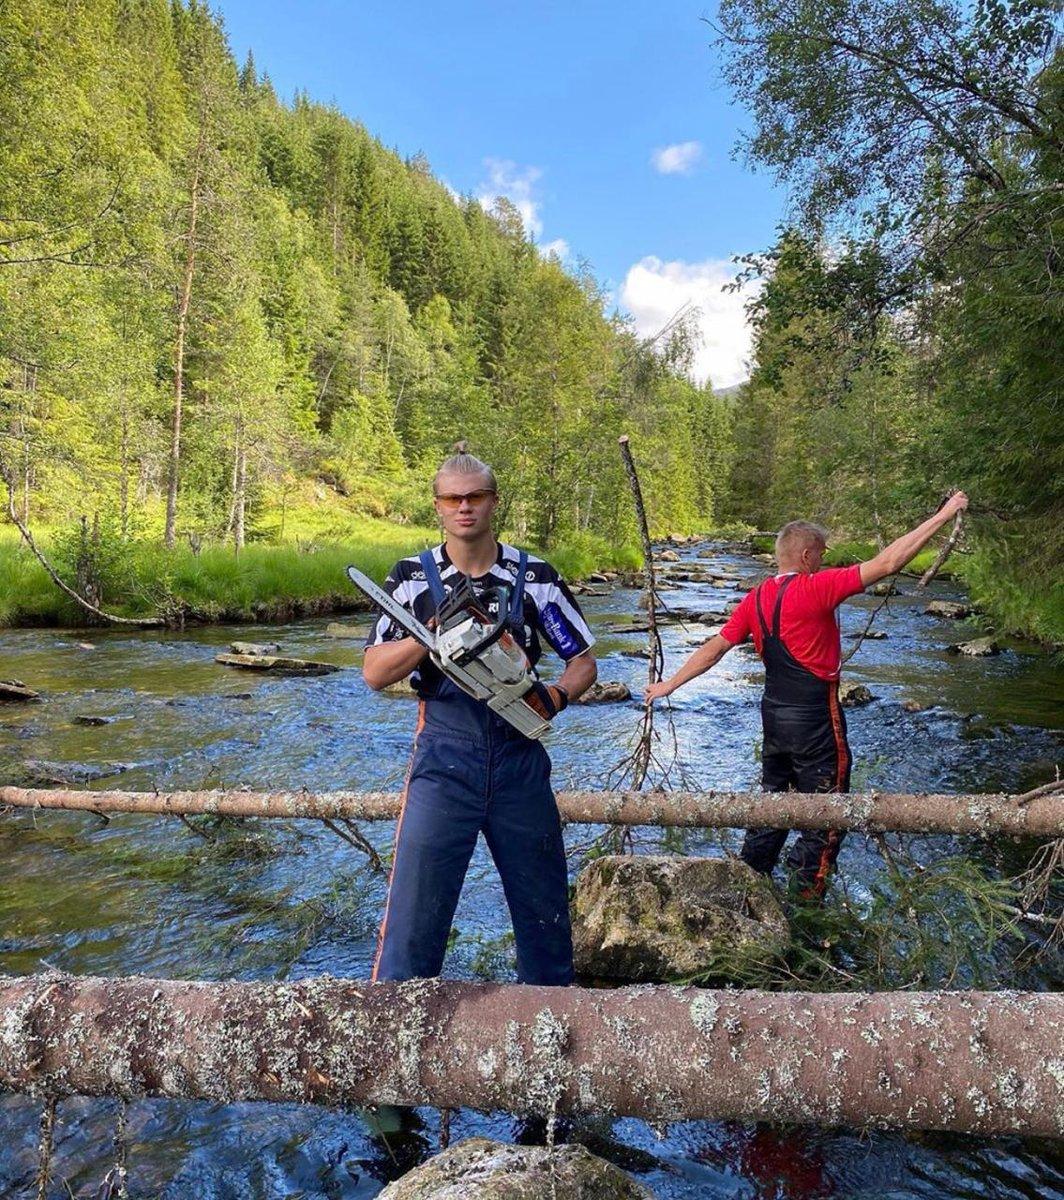 Sierra y bosque, las vacaciones de Haaland en Noruega pic.twitter.com/G2pcbM9cme